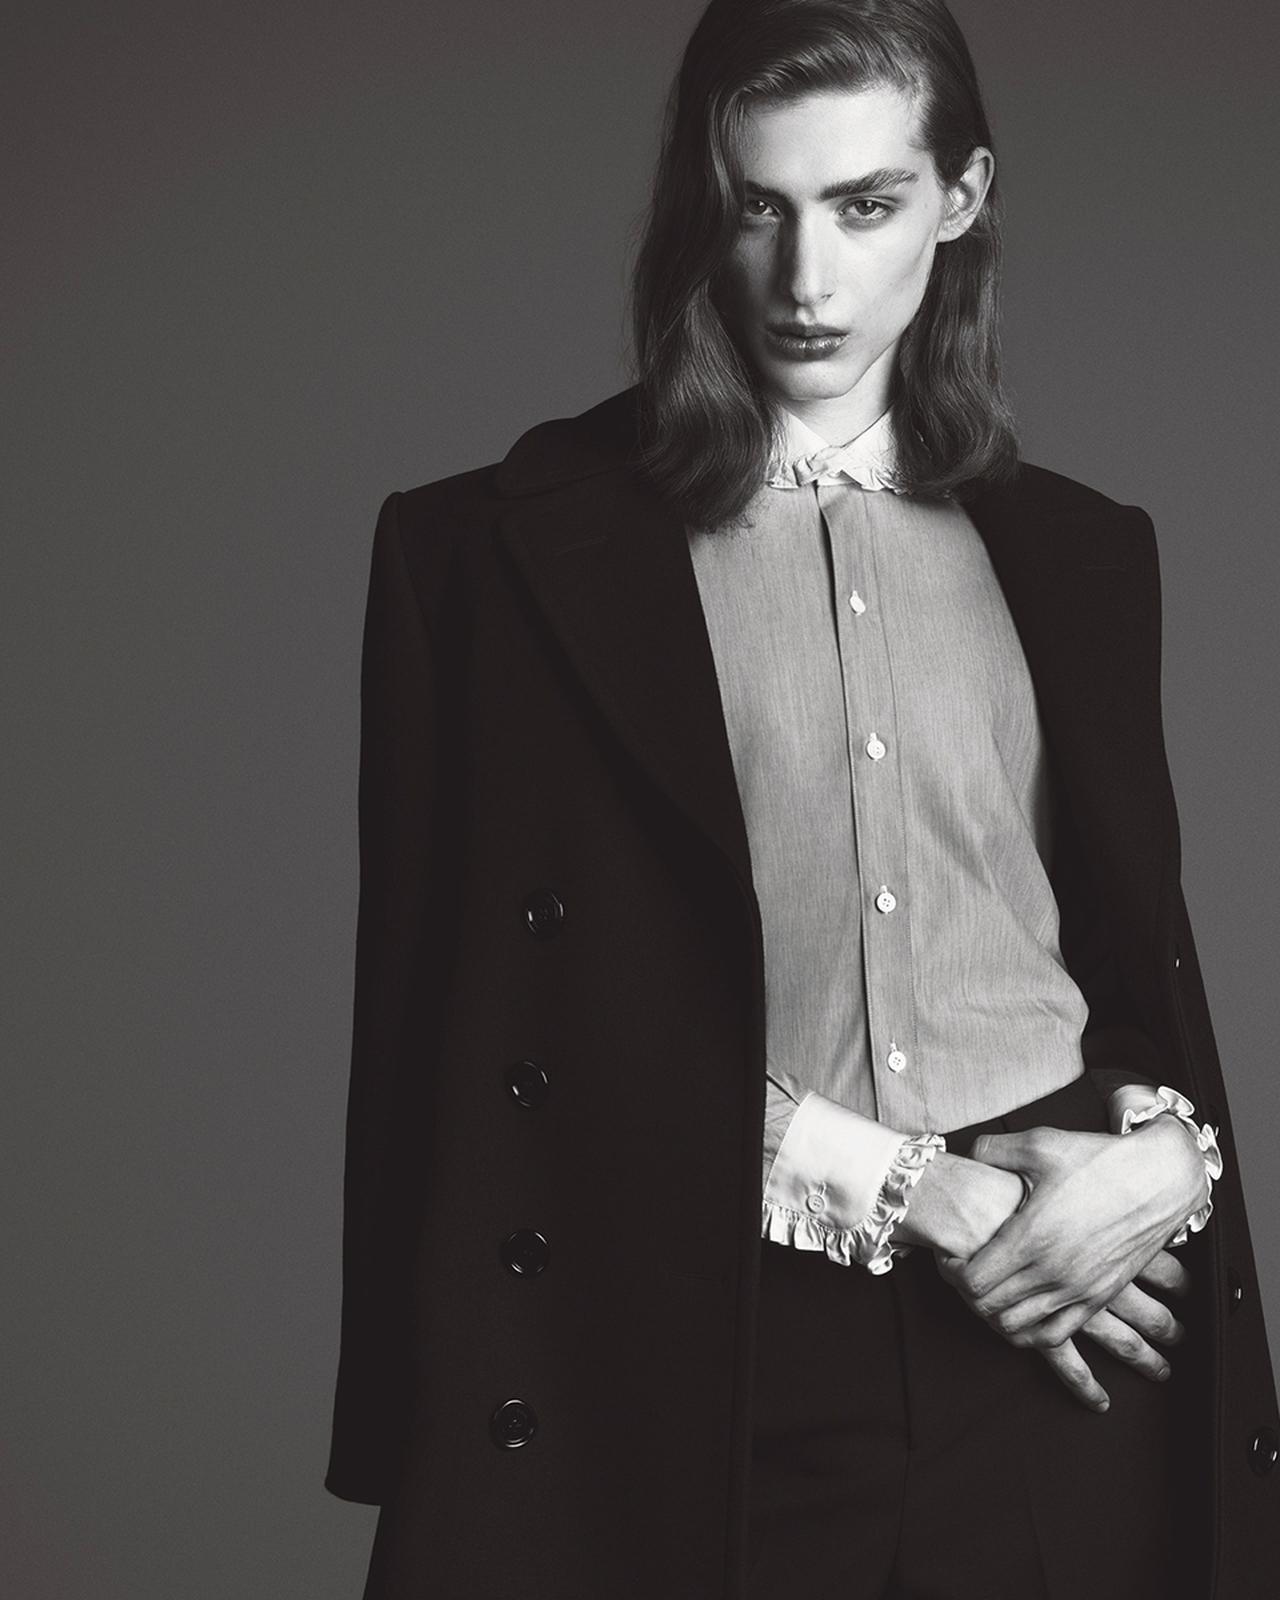 Images : 2番目の画像 - 「「シャツ」が誘う ジェンダーの枠をはずした 自由な精神の輝く新世界」のアルバム - T JAPAN:The New York Times Style Magazine 公式サイト